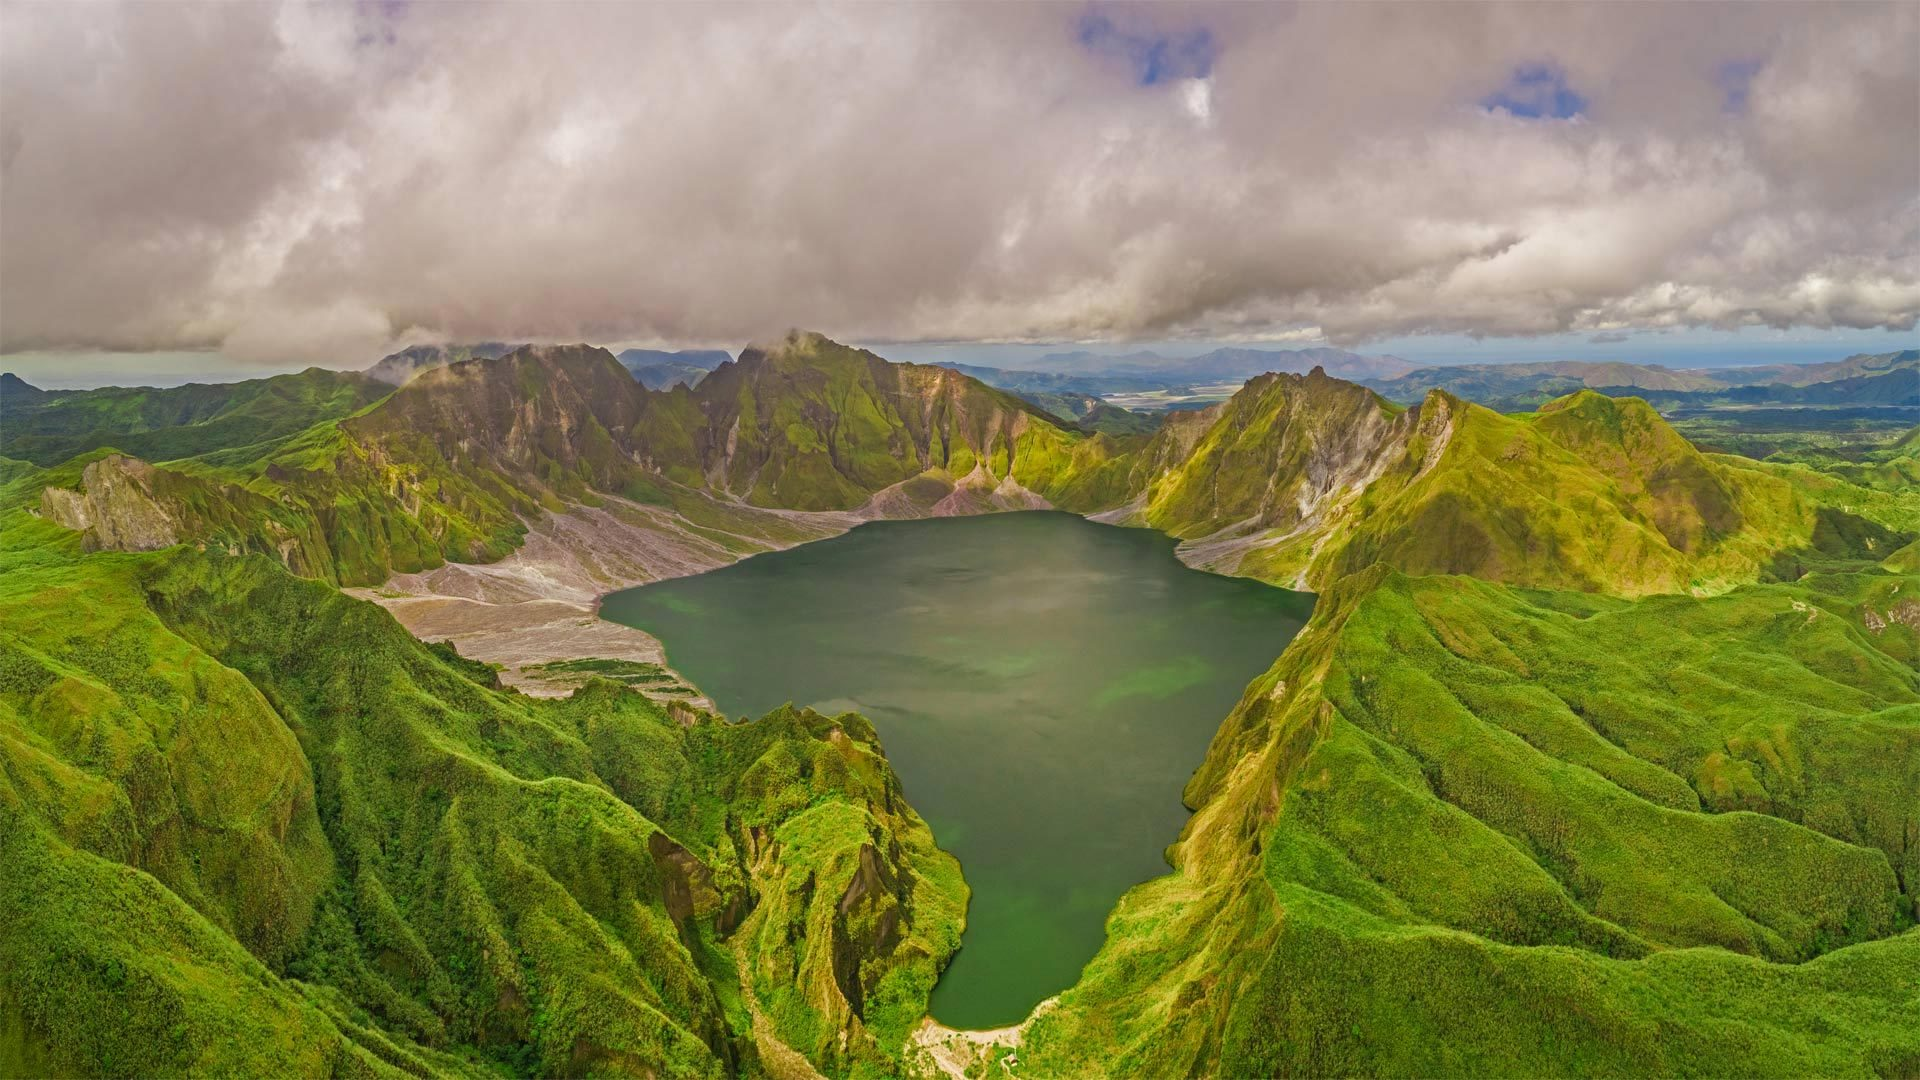 鸟瞰皮纳图博火山湖和山脉Aerial